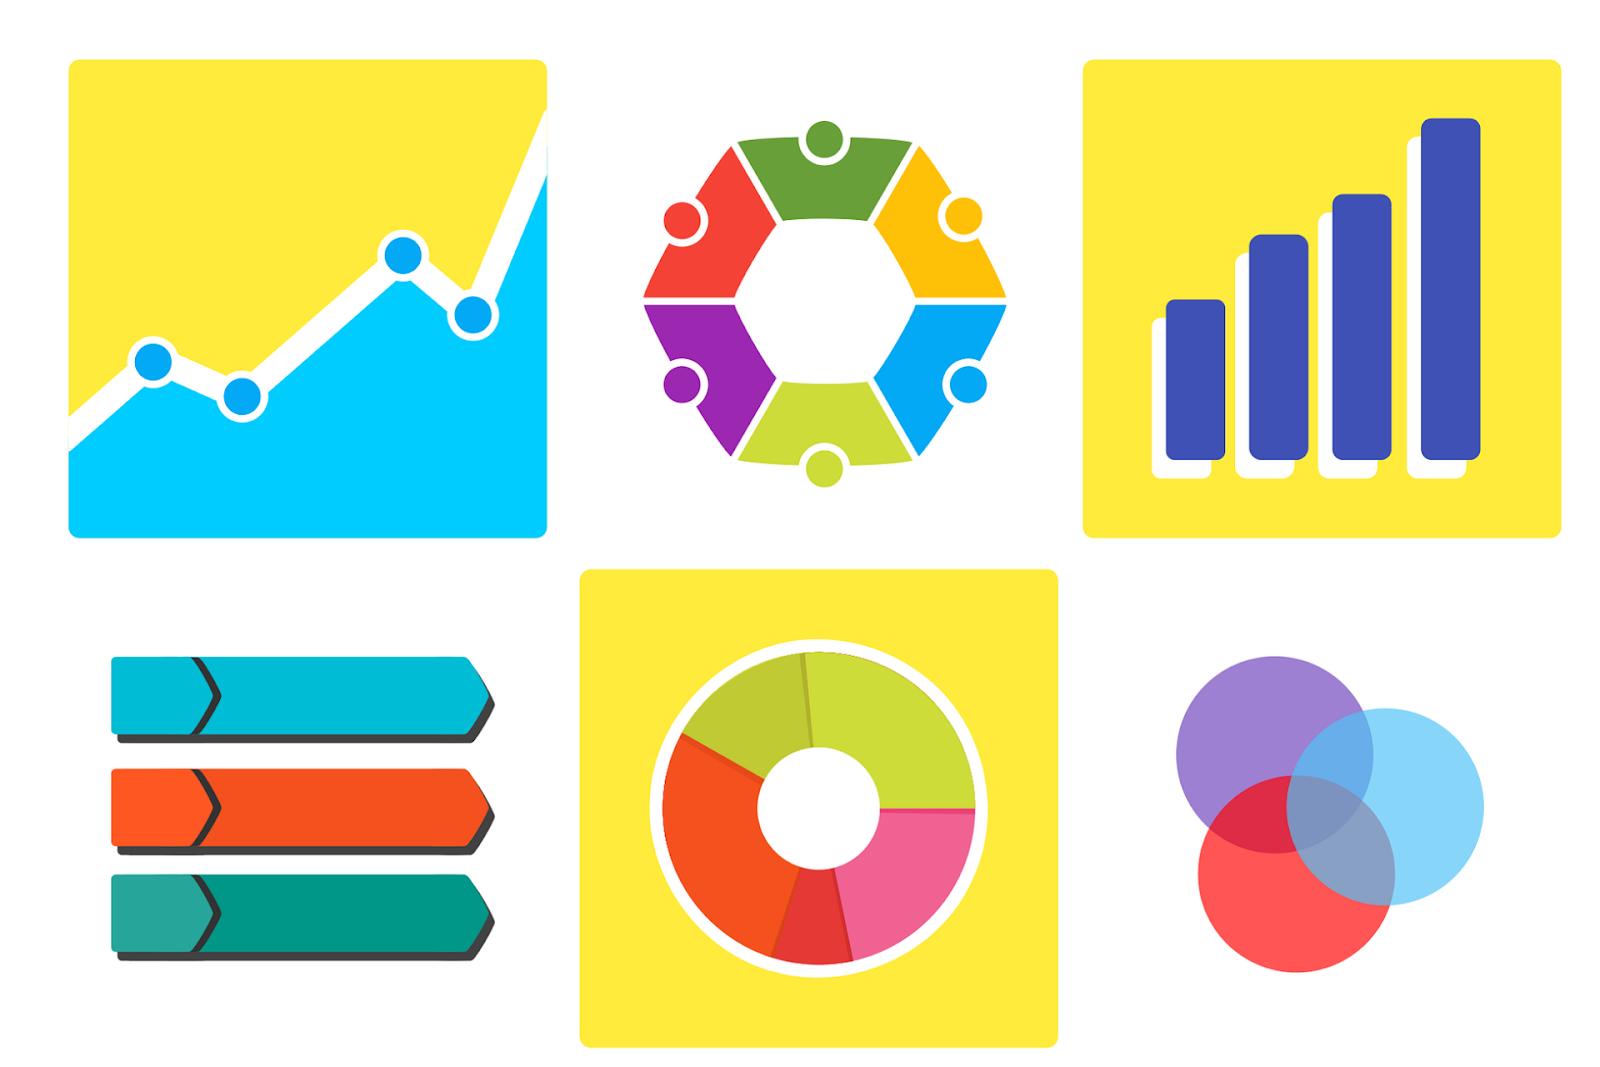 Graphs for reading data